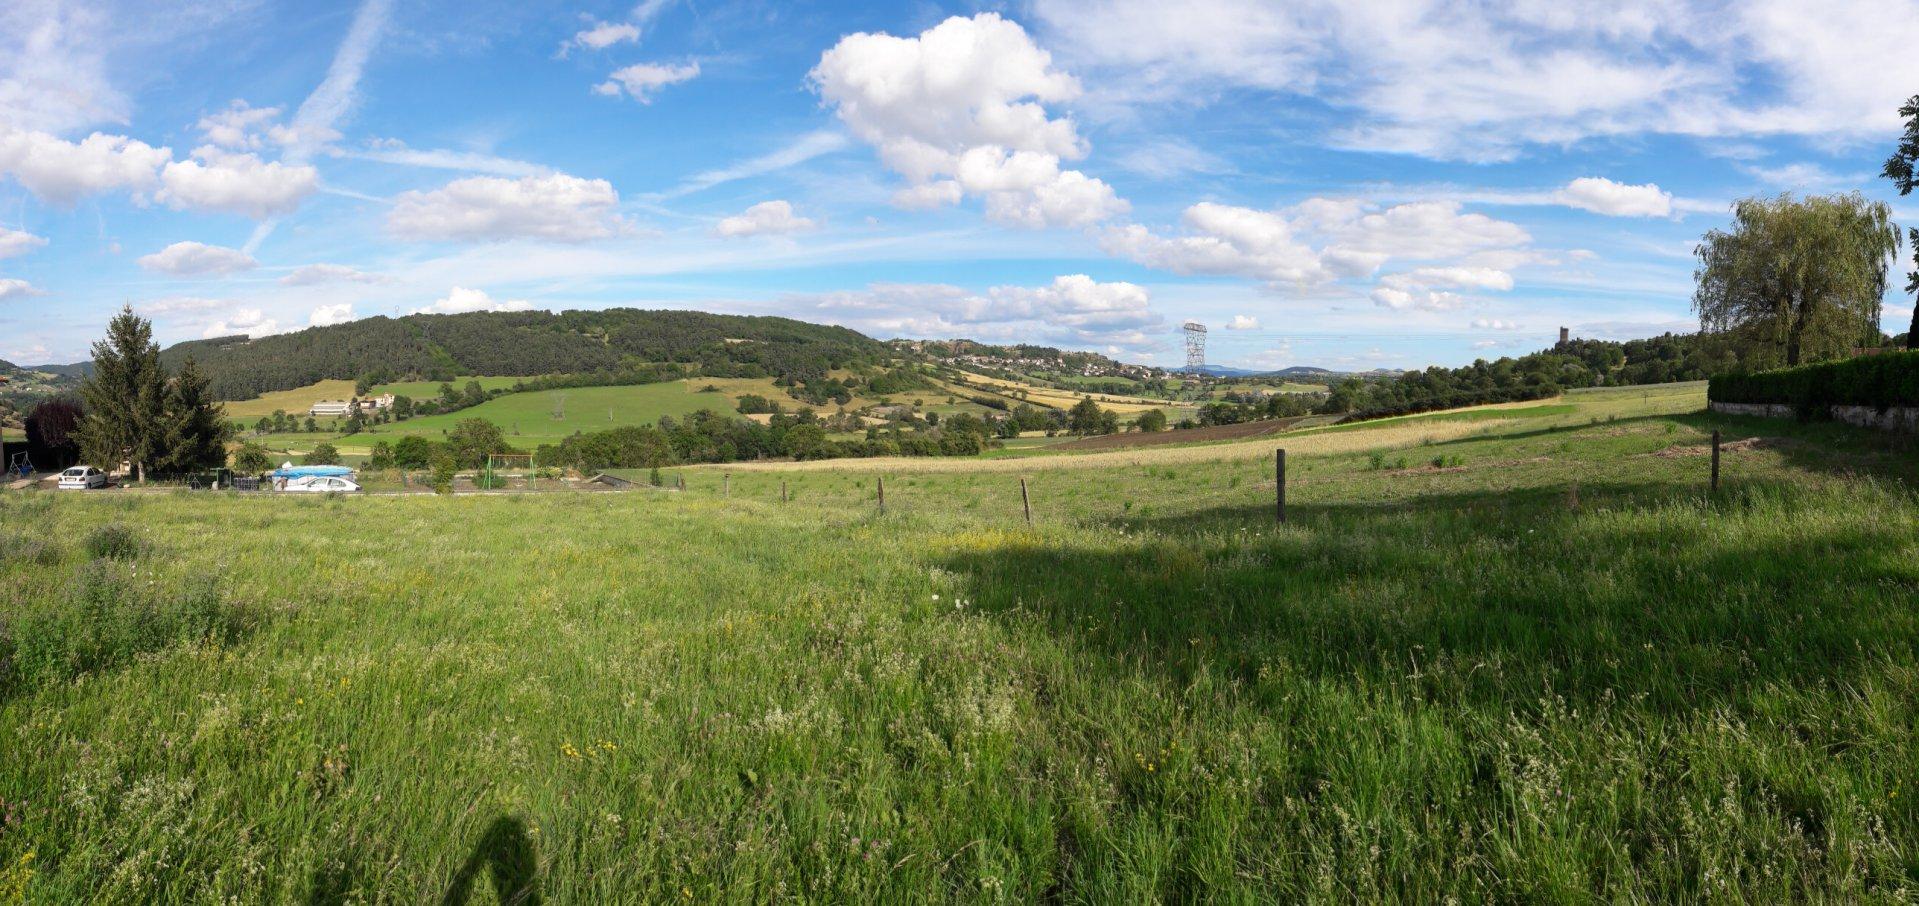 Sale Building land - Le Puy-en-Velay